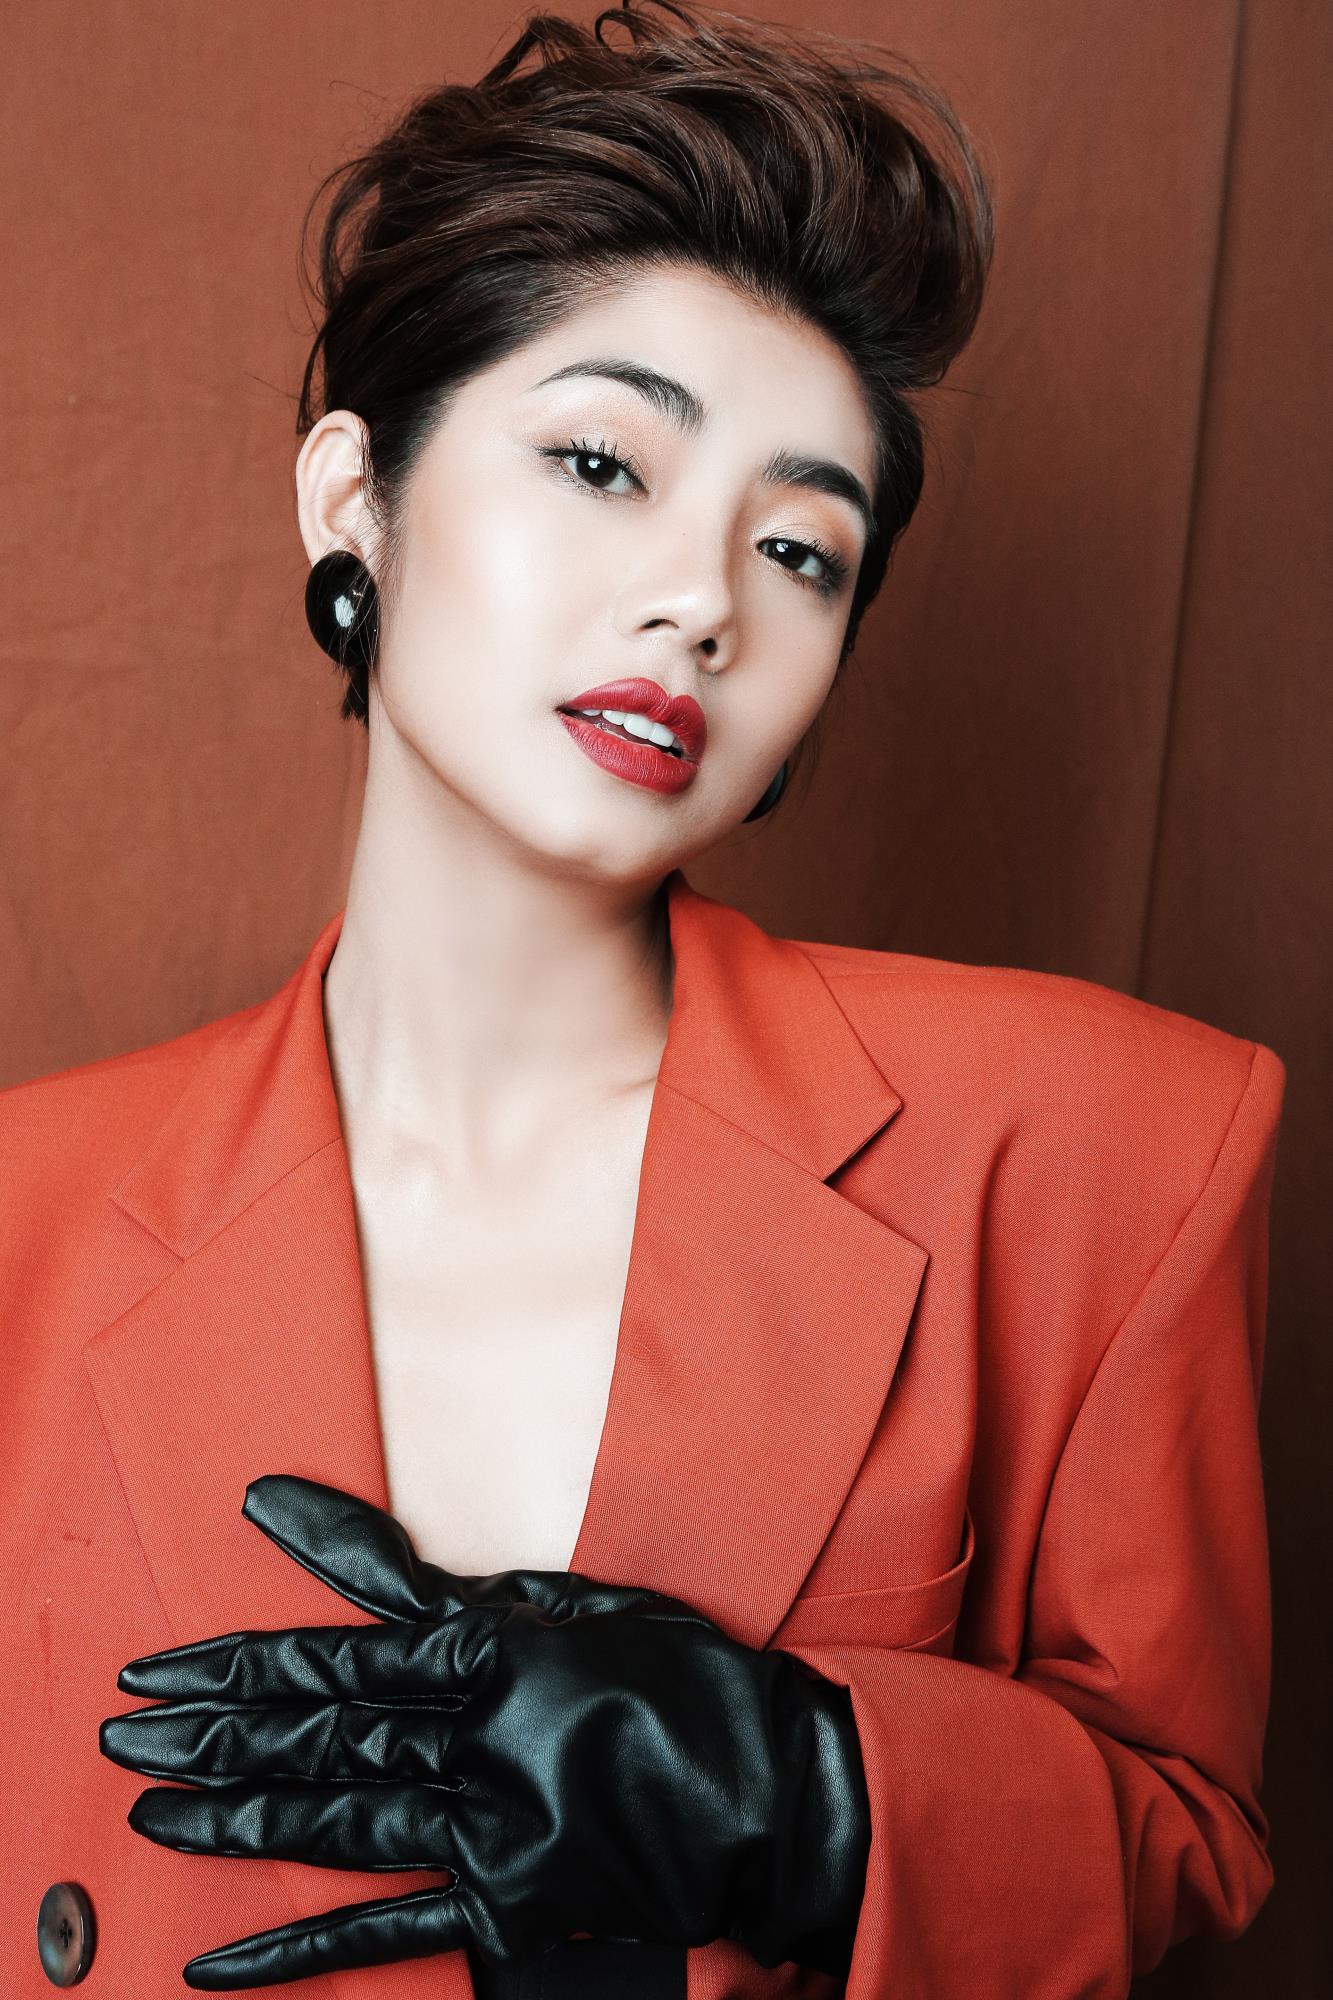 'Bạn gái cũ' của Karik – Đàm Phương Linh khoe vòng 1 'lấp ló' gợi cảm trong những thiết kế high fashion - Ảnh 2